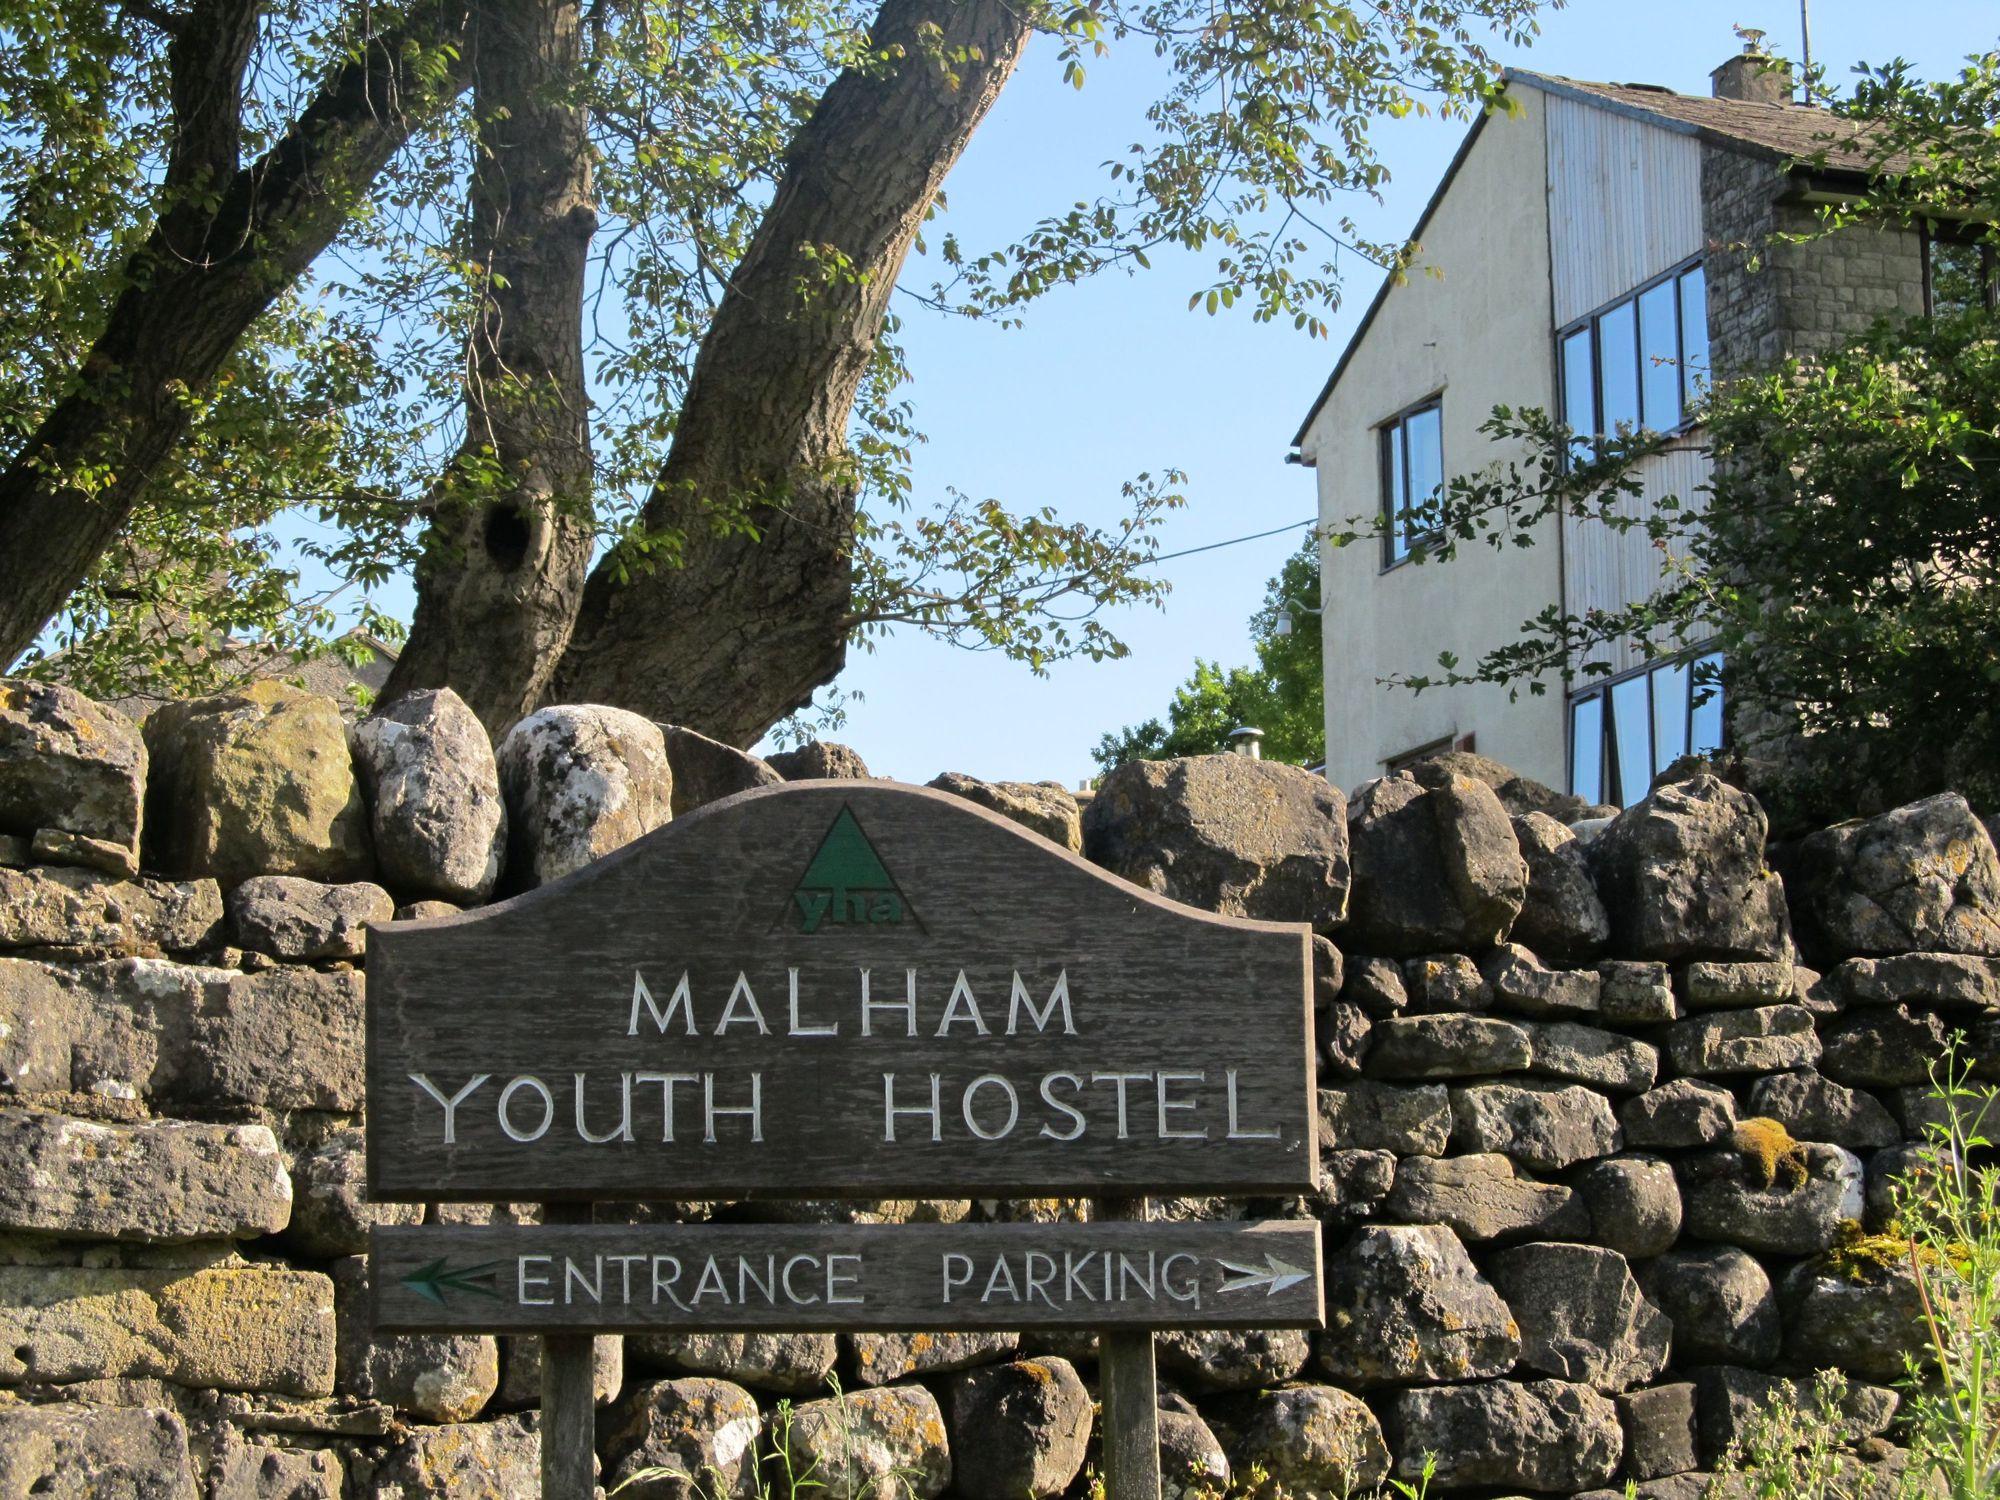 YHA Malham